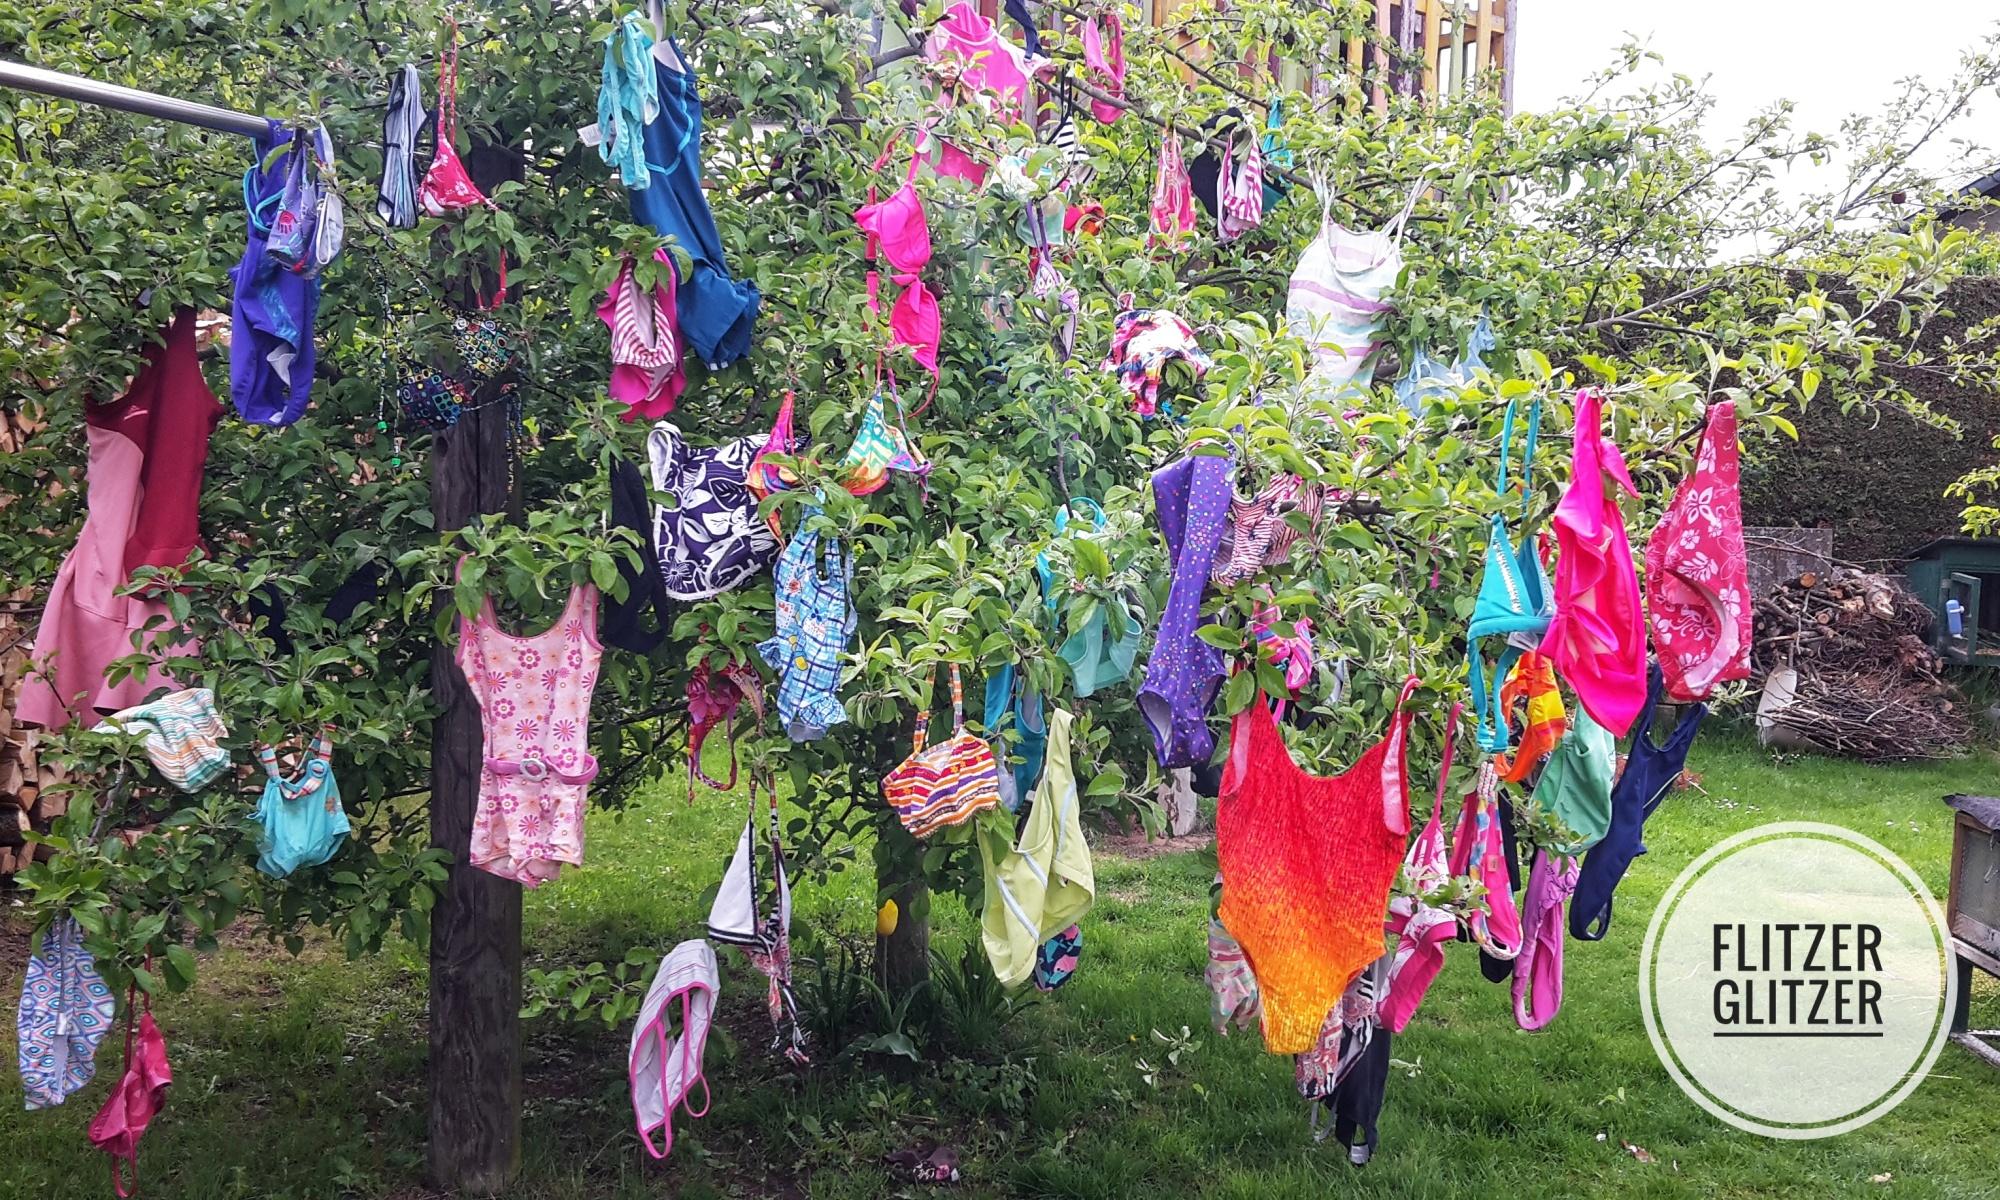 Wie Ostereier hängen die bunten Badeanzüge und Bikinis im Apfelbaum.